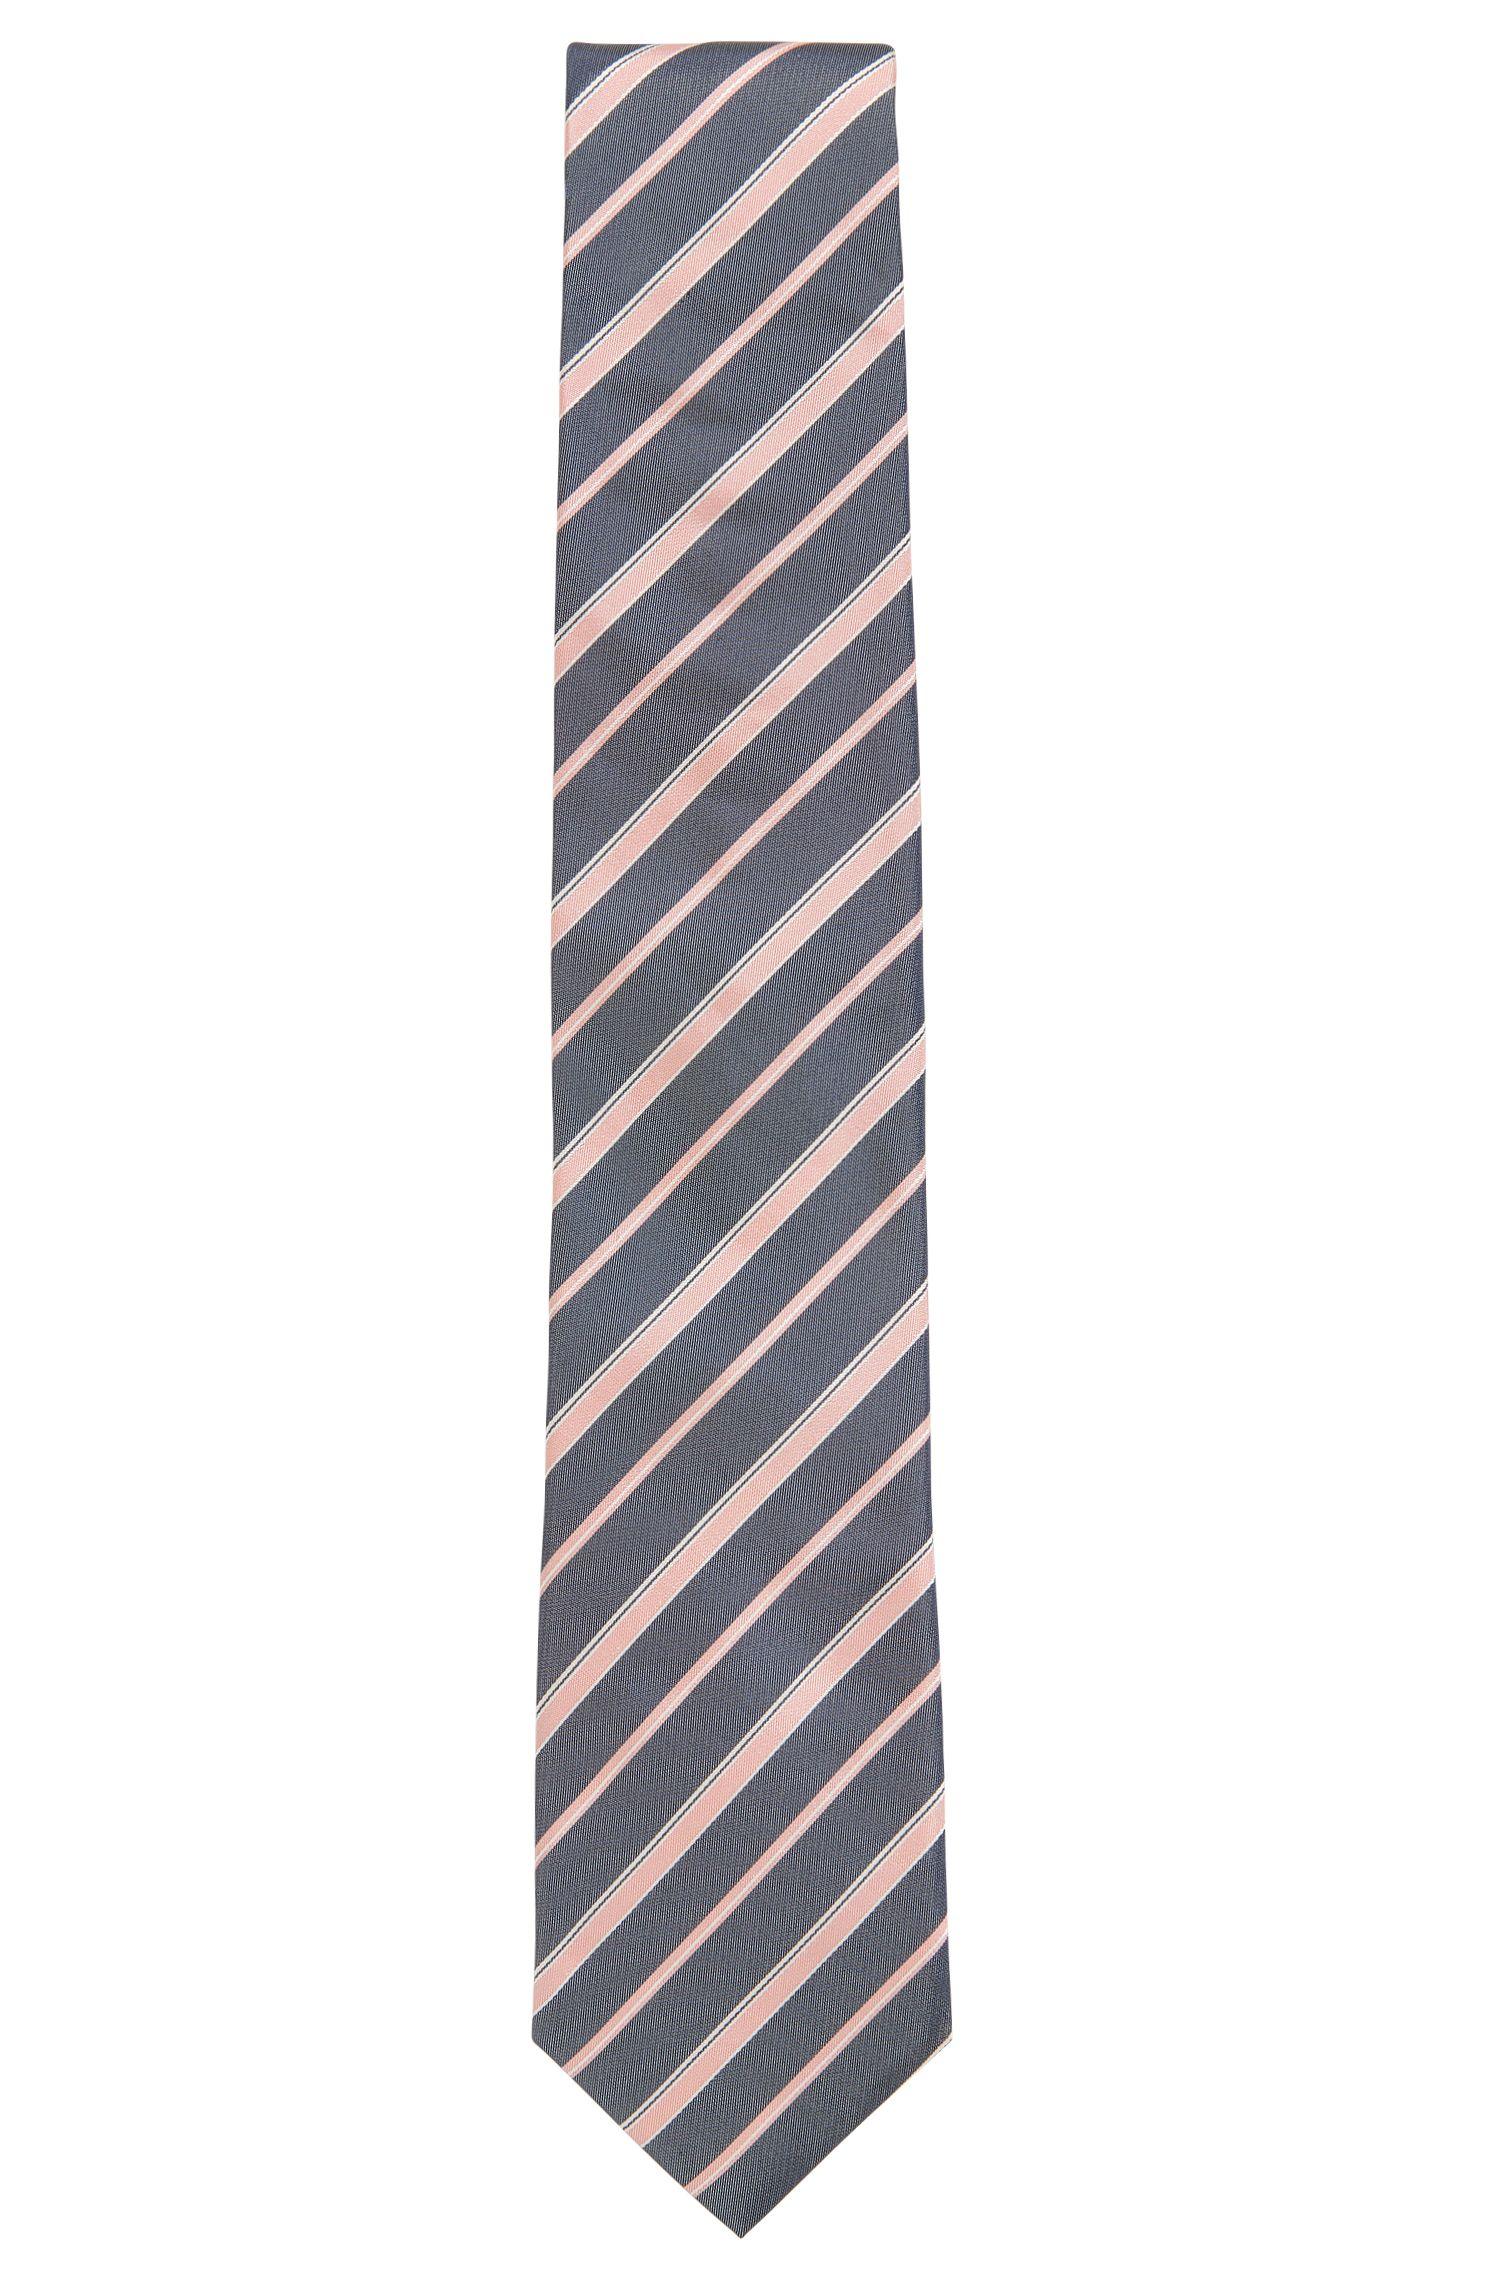 In Italië vervaardigde stropdas in een jacquard van zijde met diagonaal streepdessin